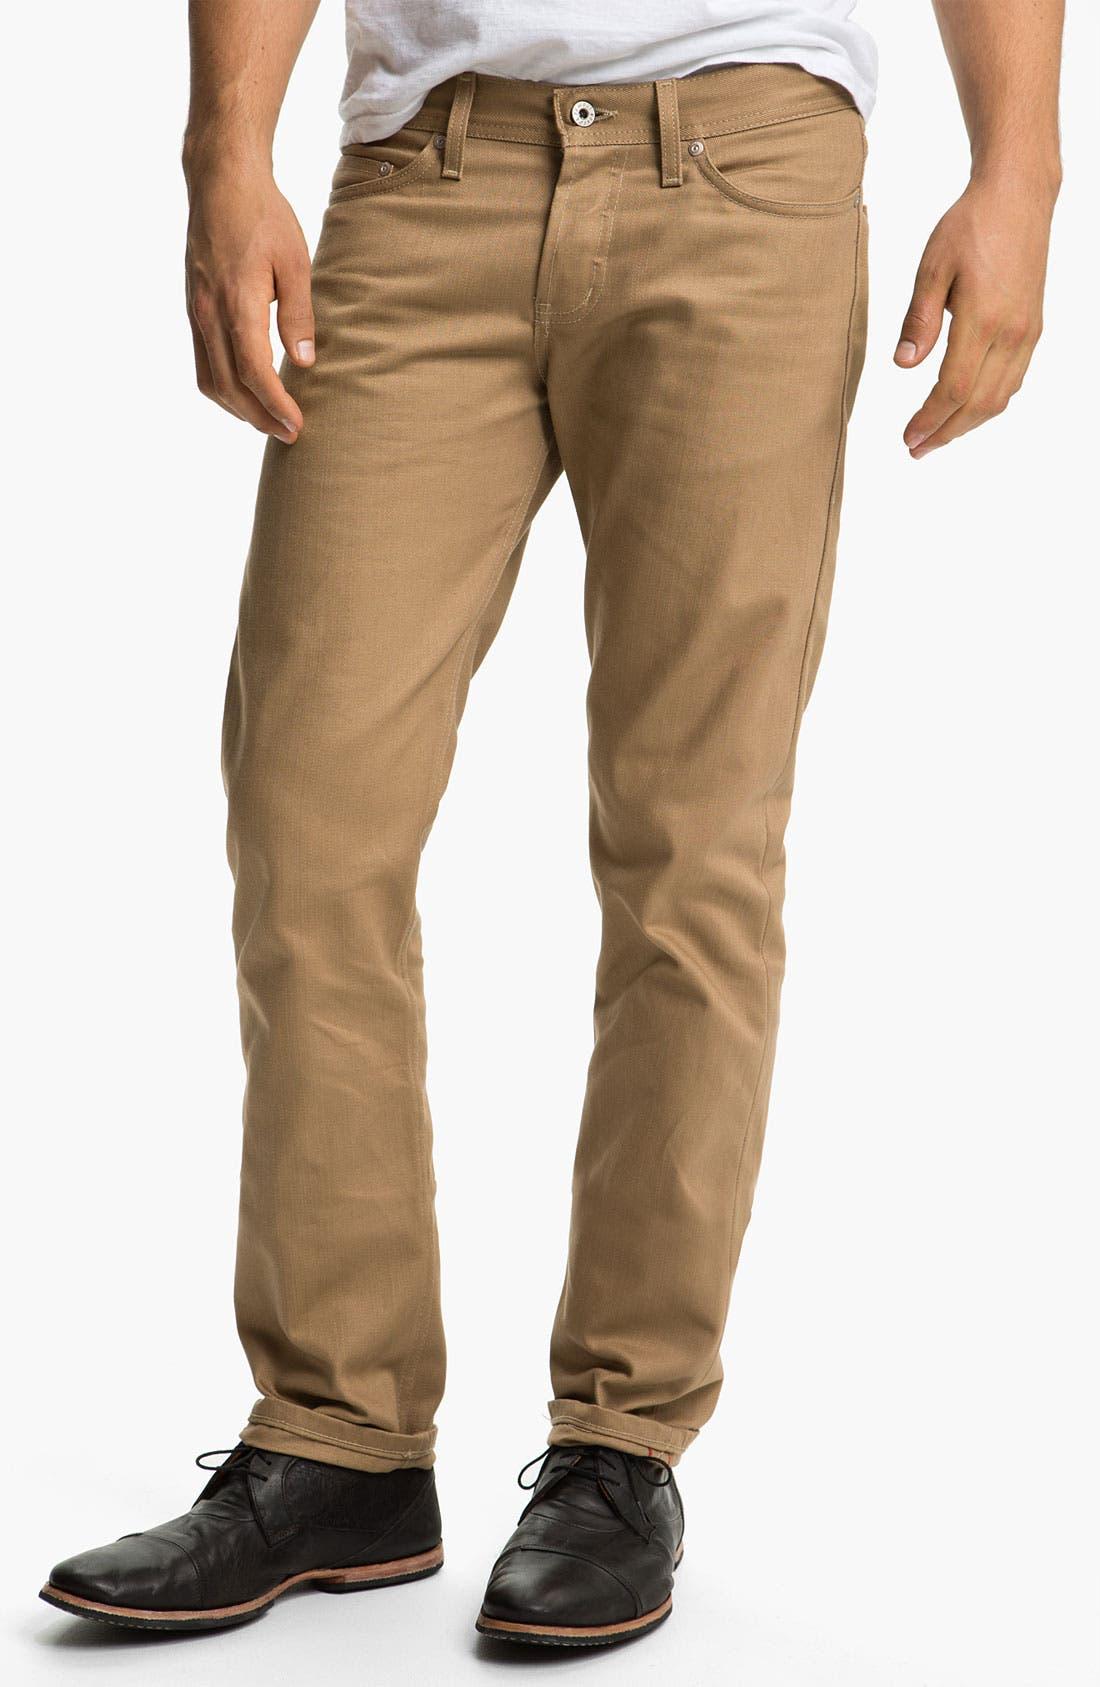 Alternate Image 1 Selected - Naked & Famous Denim 'Weird Guy' Slim Straight Leg Selvedge Jeans (Beige)